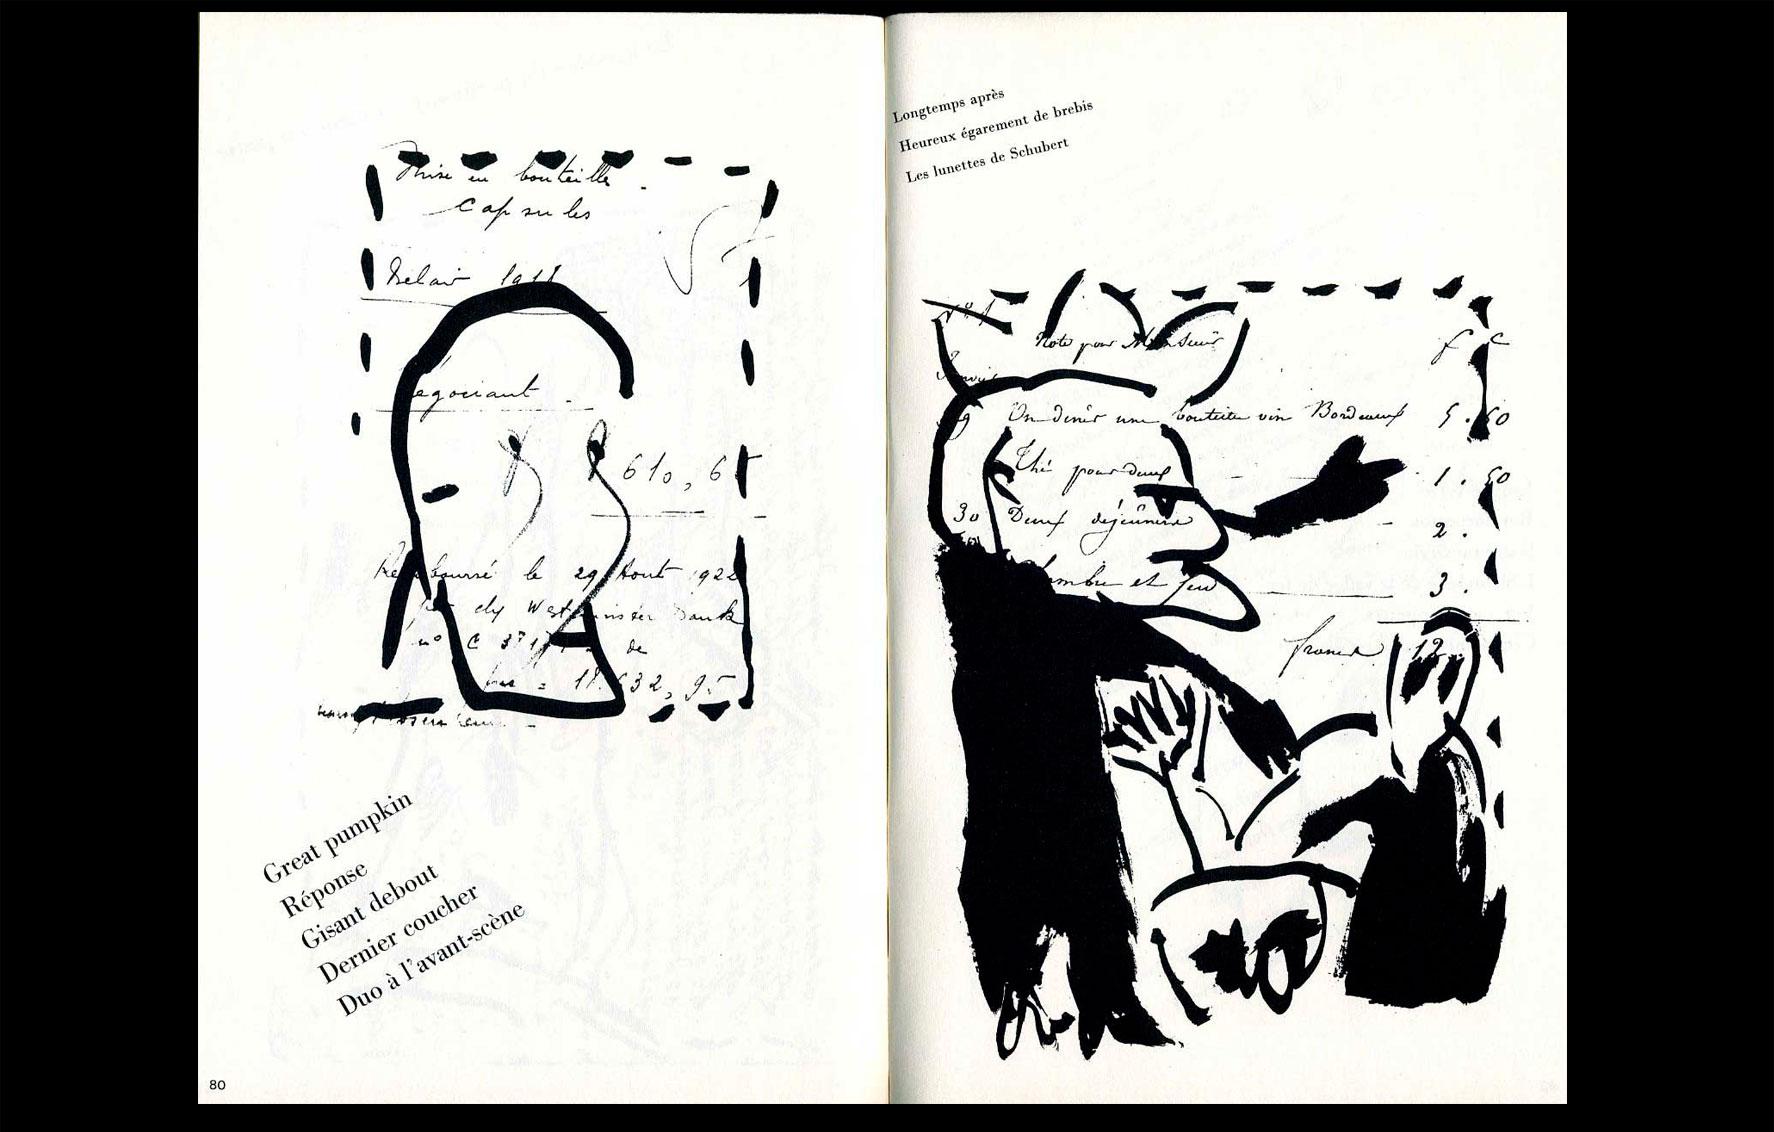 Le-Bureau-des-titres-Pierre-Faucheux-1983-09